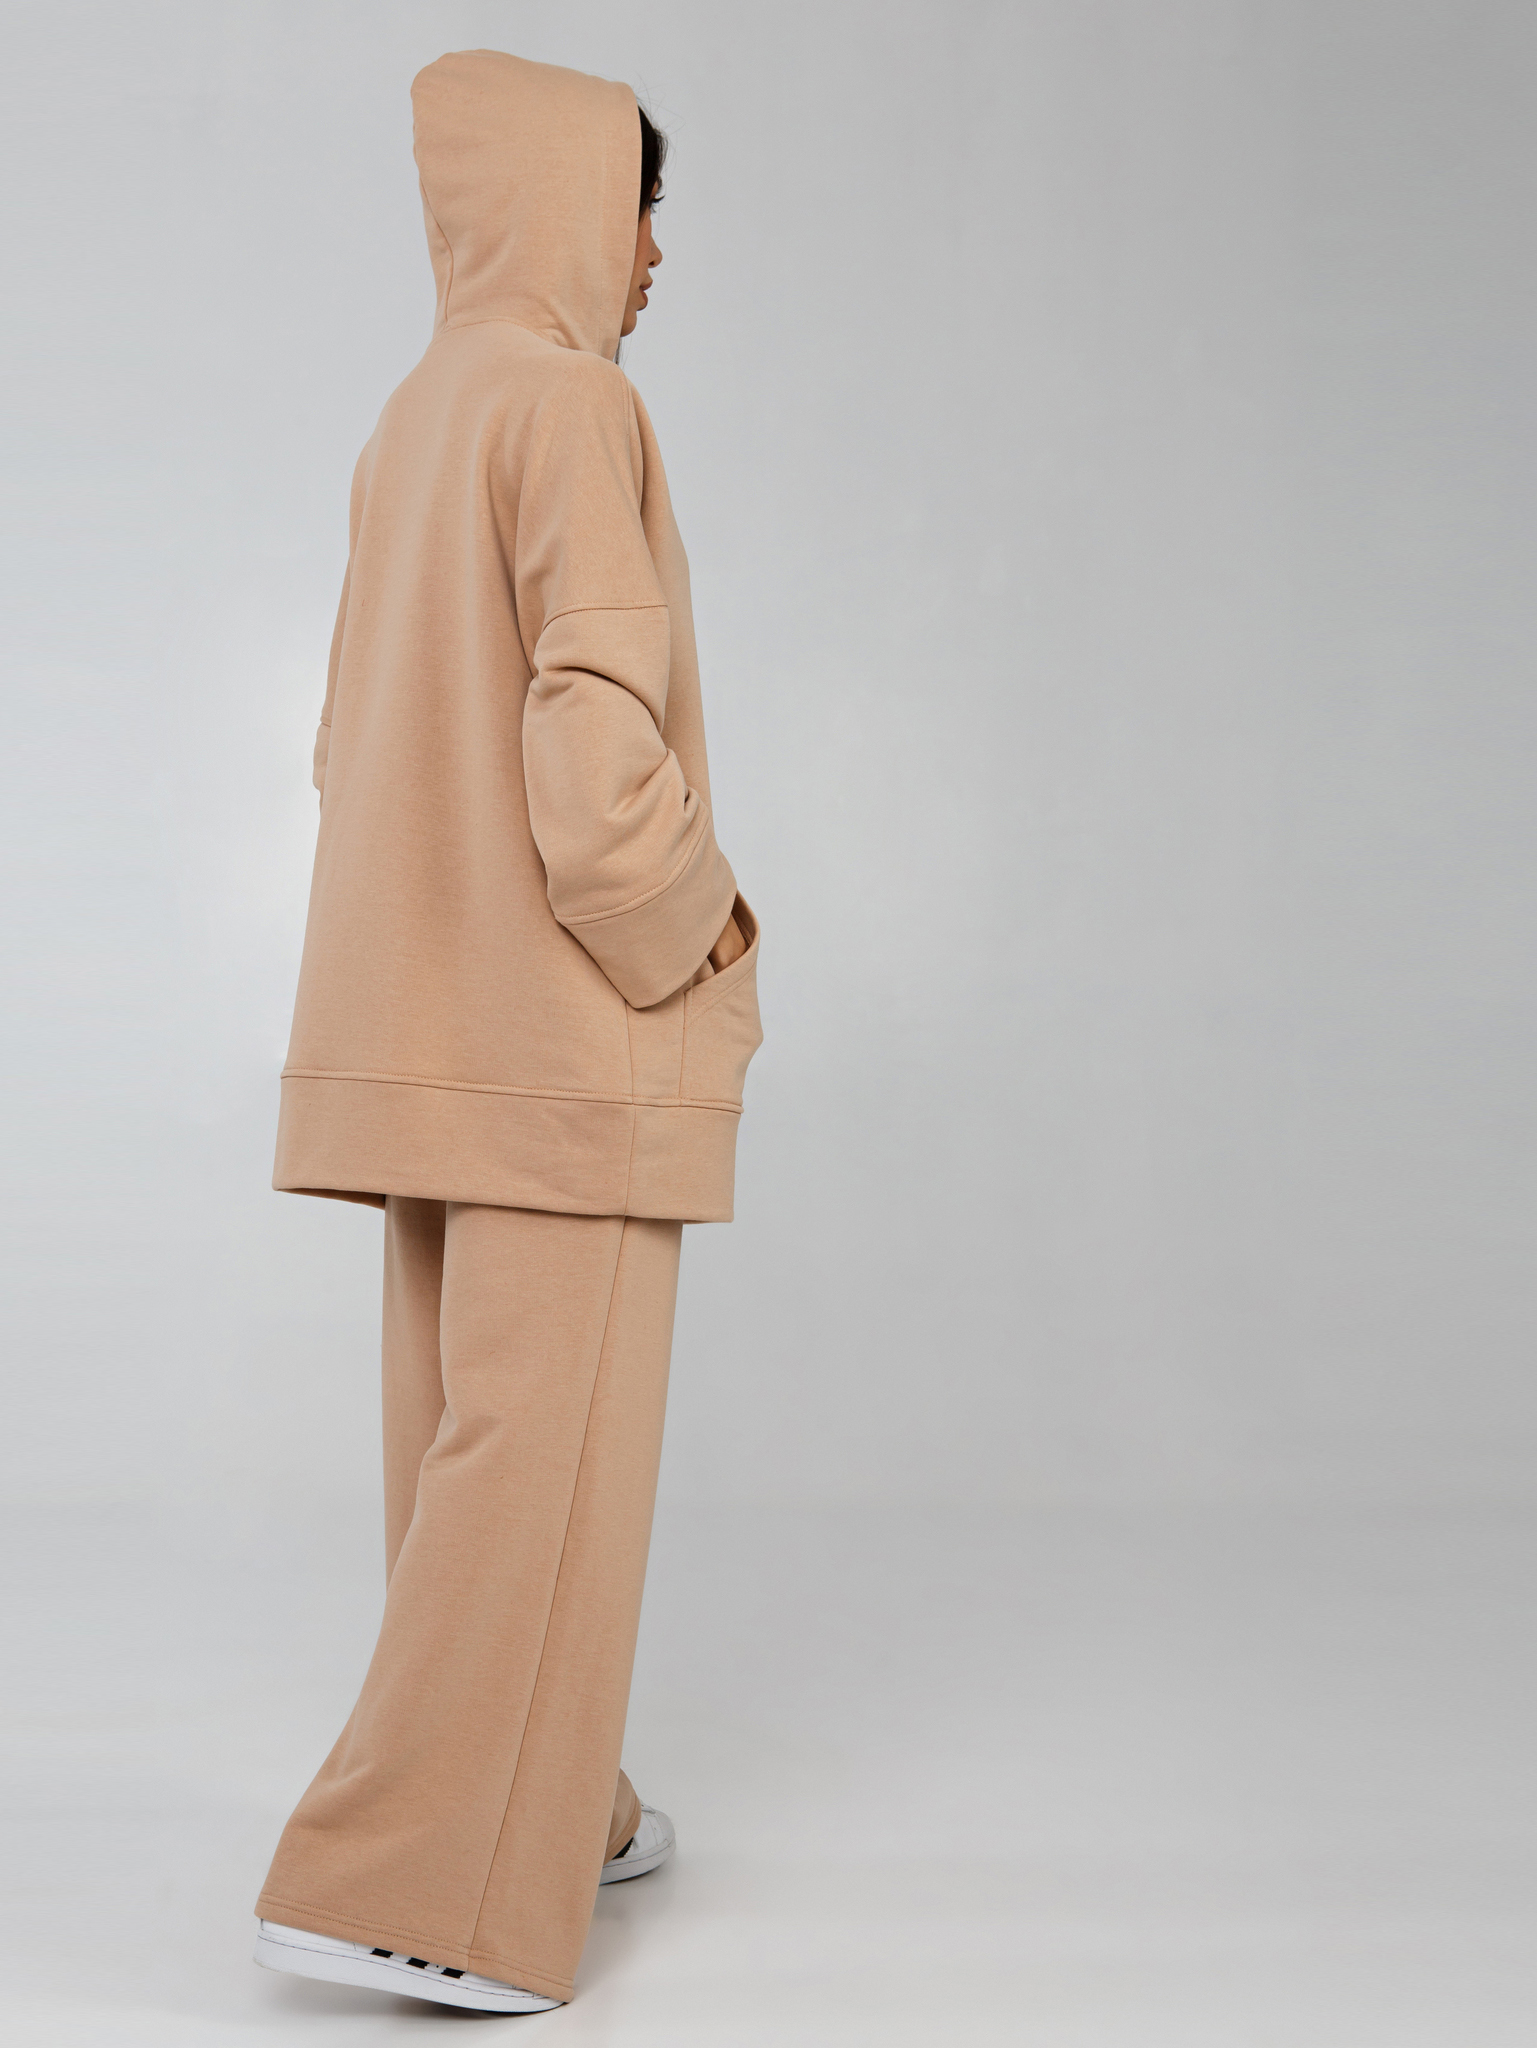 Костюм трикотажный бежевый YOS от украинского бренда Your Own Style